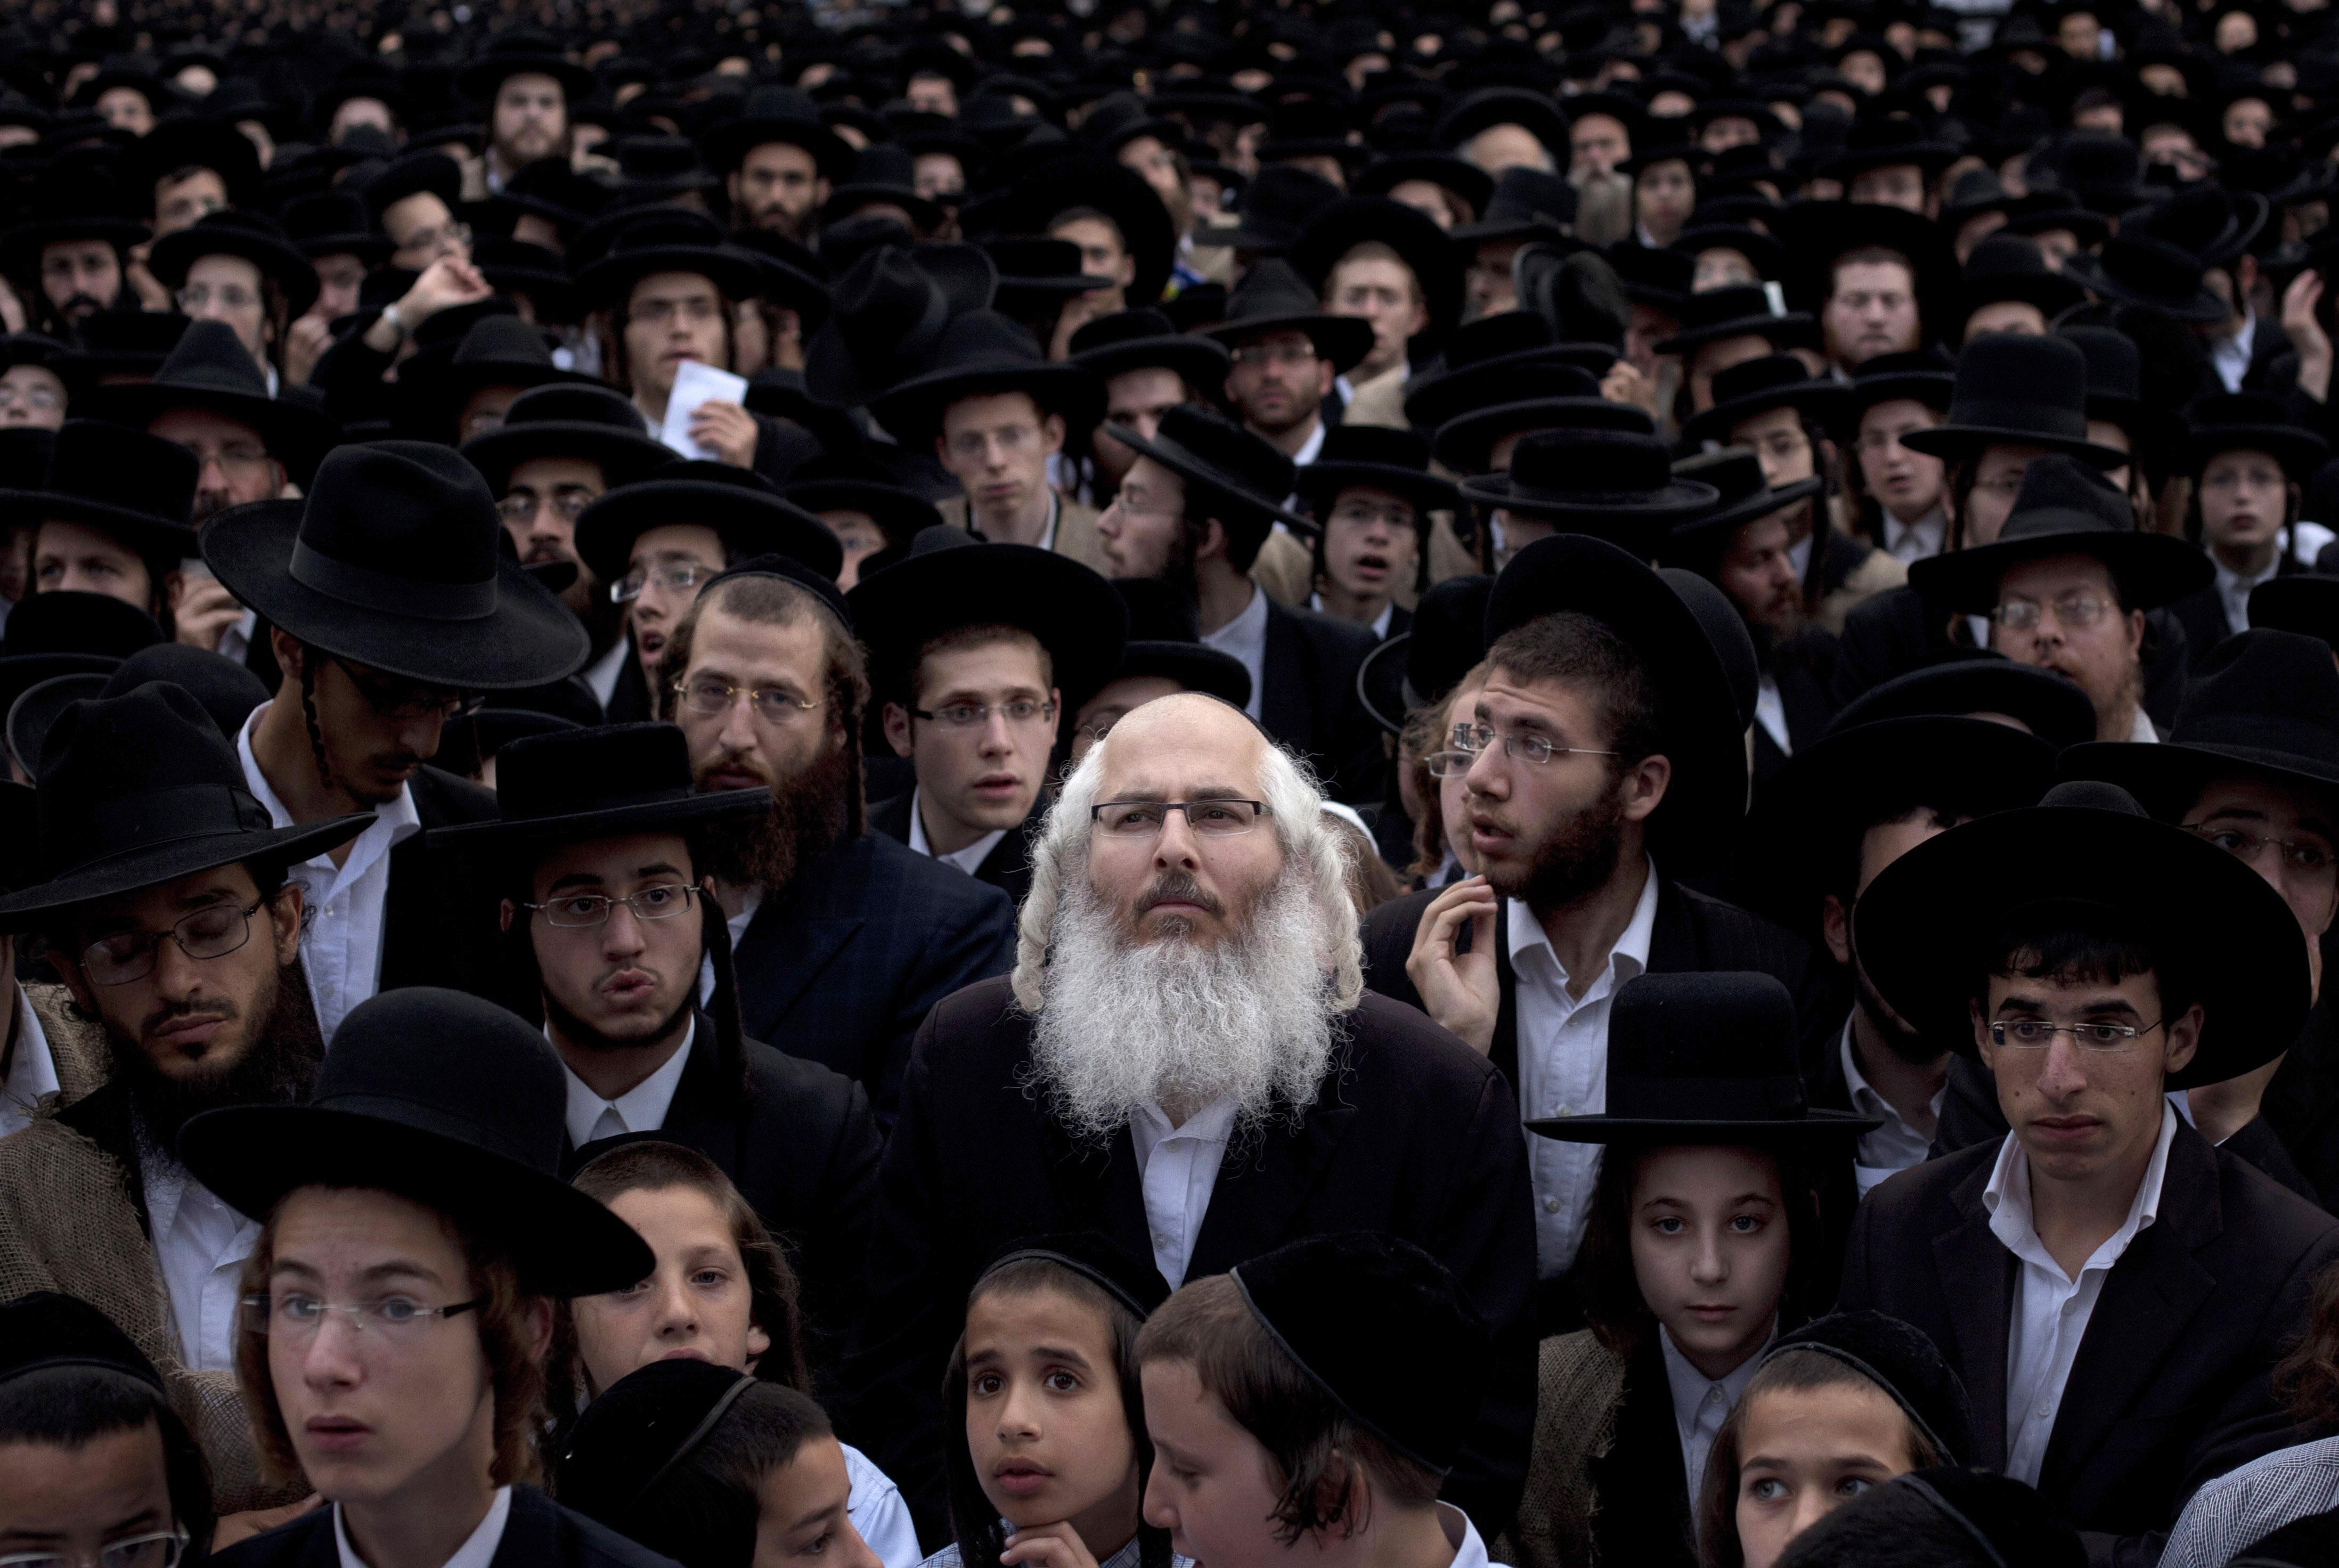 Orthodox Jews By Nationality